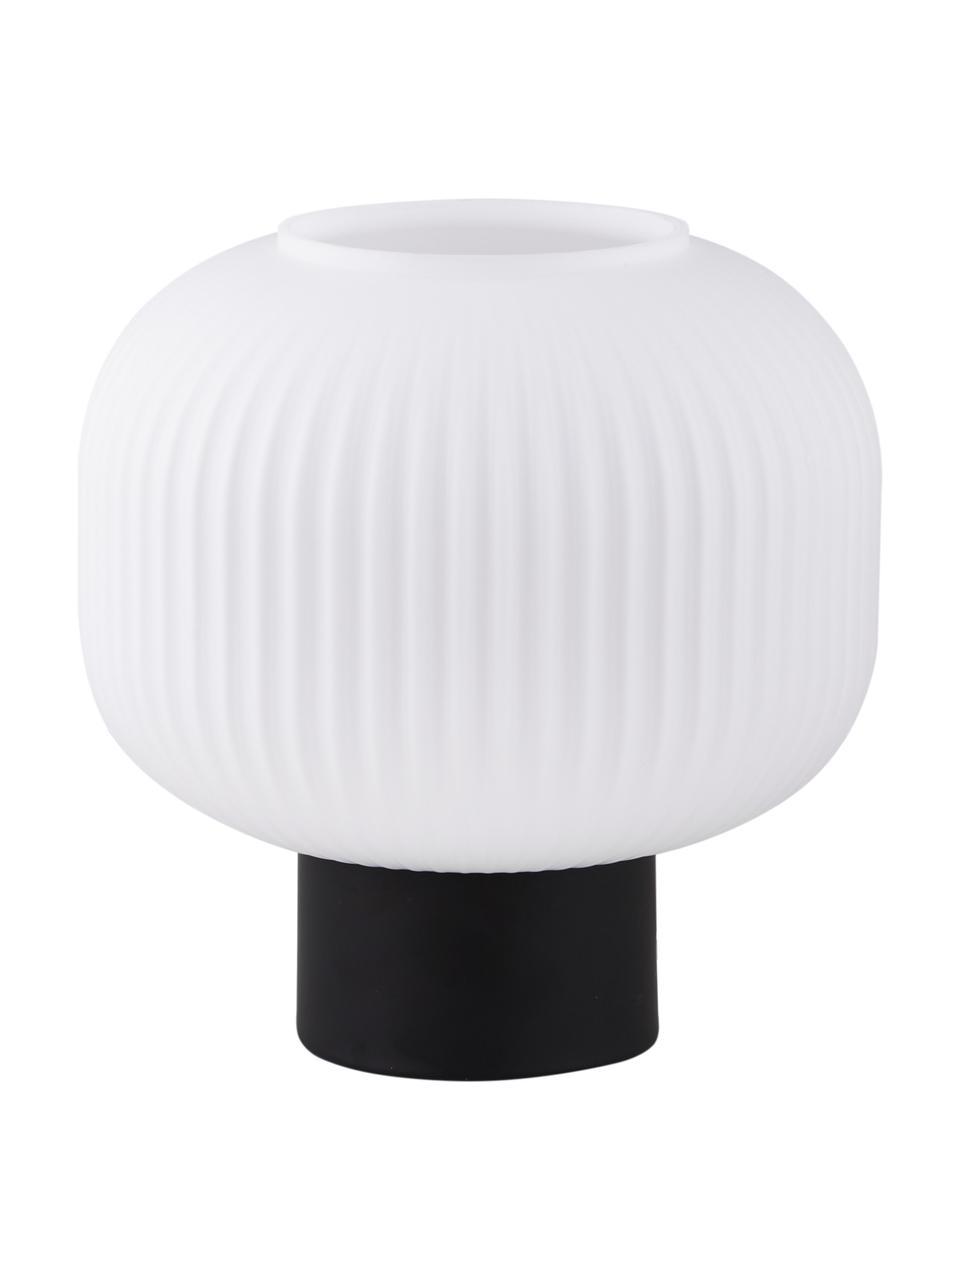 Kleine Tischlampe Charlie aus Opalglas, Lampenschirm: Opalglas, Lampenfuß: Metall, beschichtet, Schwarz, Opalweiß, Ø 20 x H 20 cm